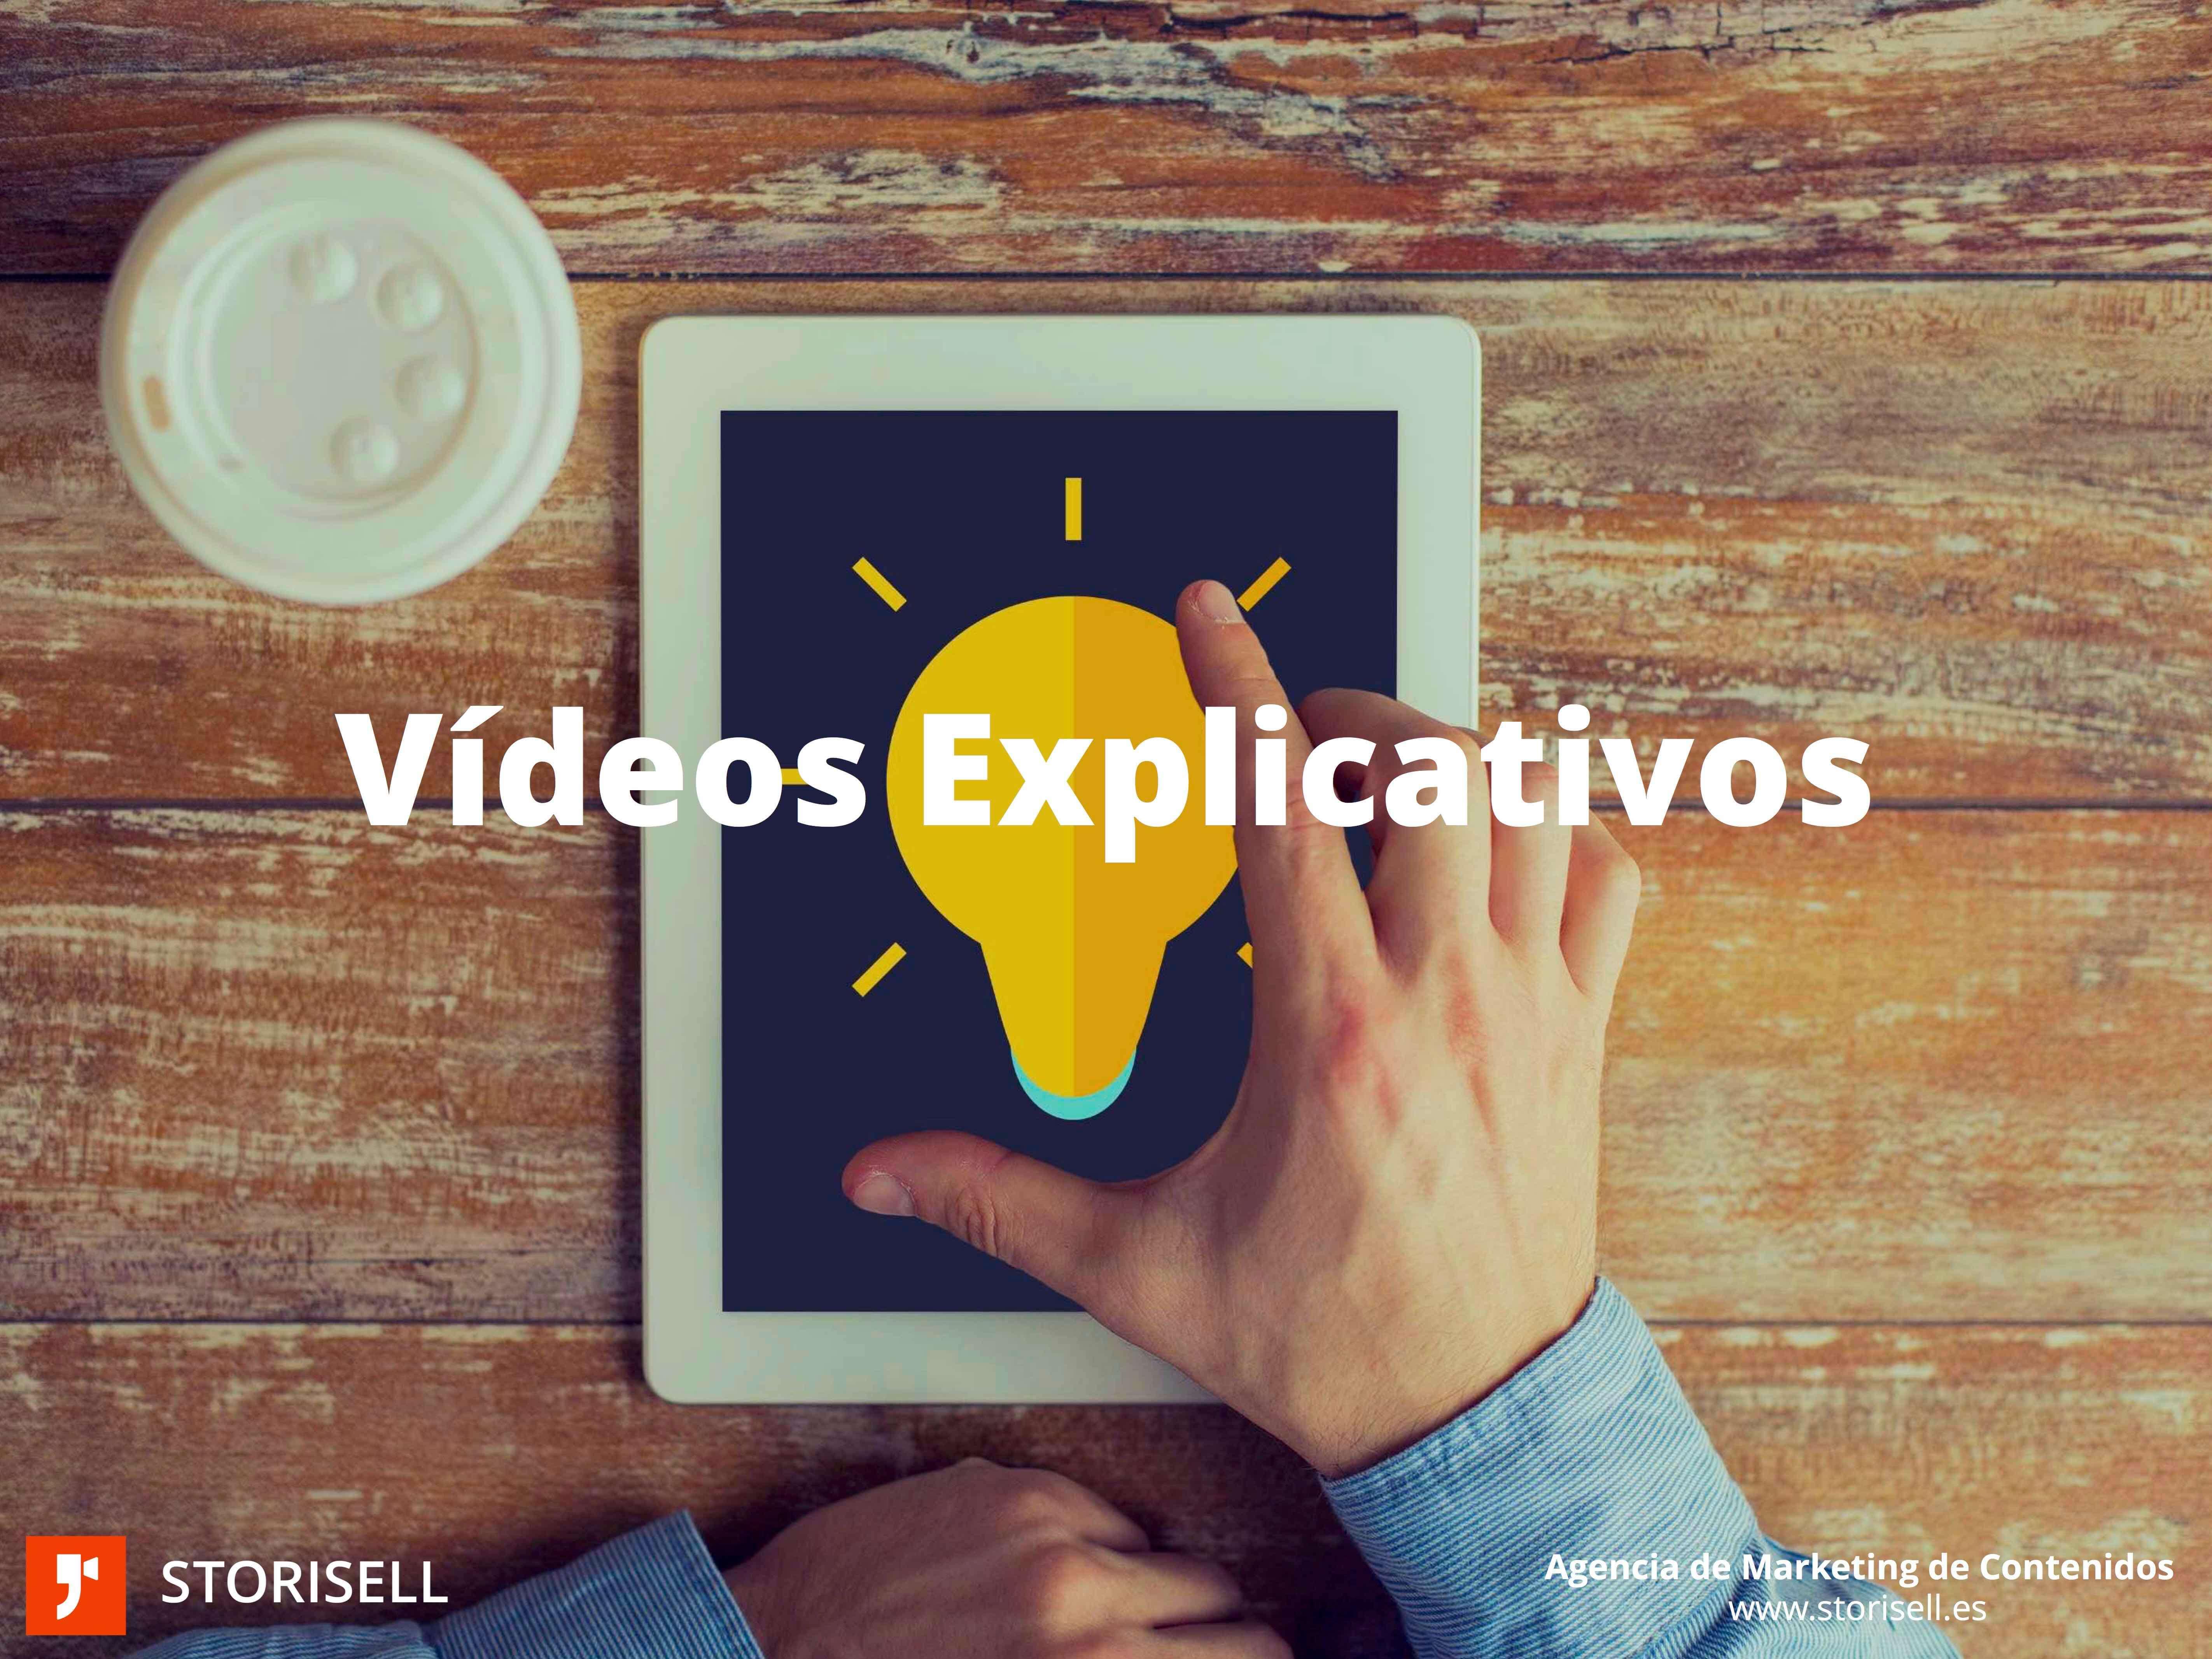 Vídeos Explicativos Storisell. Presenta tu empresa en 60 segundos con un vídeo explicativo. Storisell ofrece vídeos animados y motion graphics personalizados a sus clientes y agencias asociadas. Crea un vídeo explicativo animado o una animación personalizada para tu proyecto. Mejora la página web de tu empresa, tus presentaciones de venta y tu estrategia de marketing en las redes sociales. En Storisell creemos que los vídeos animados de calidad son la clave para transformar tu estrategia de marketing. https://storisell.es/videos-explicativos/